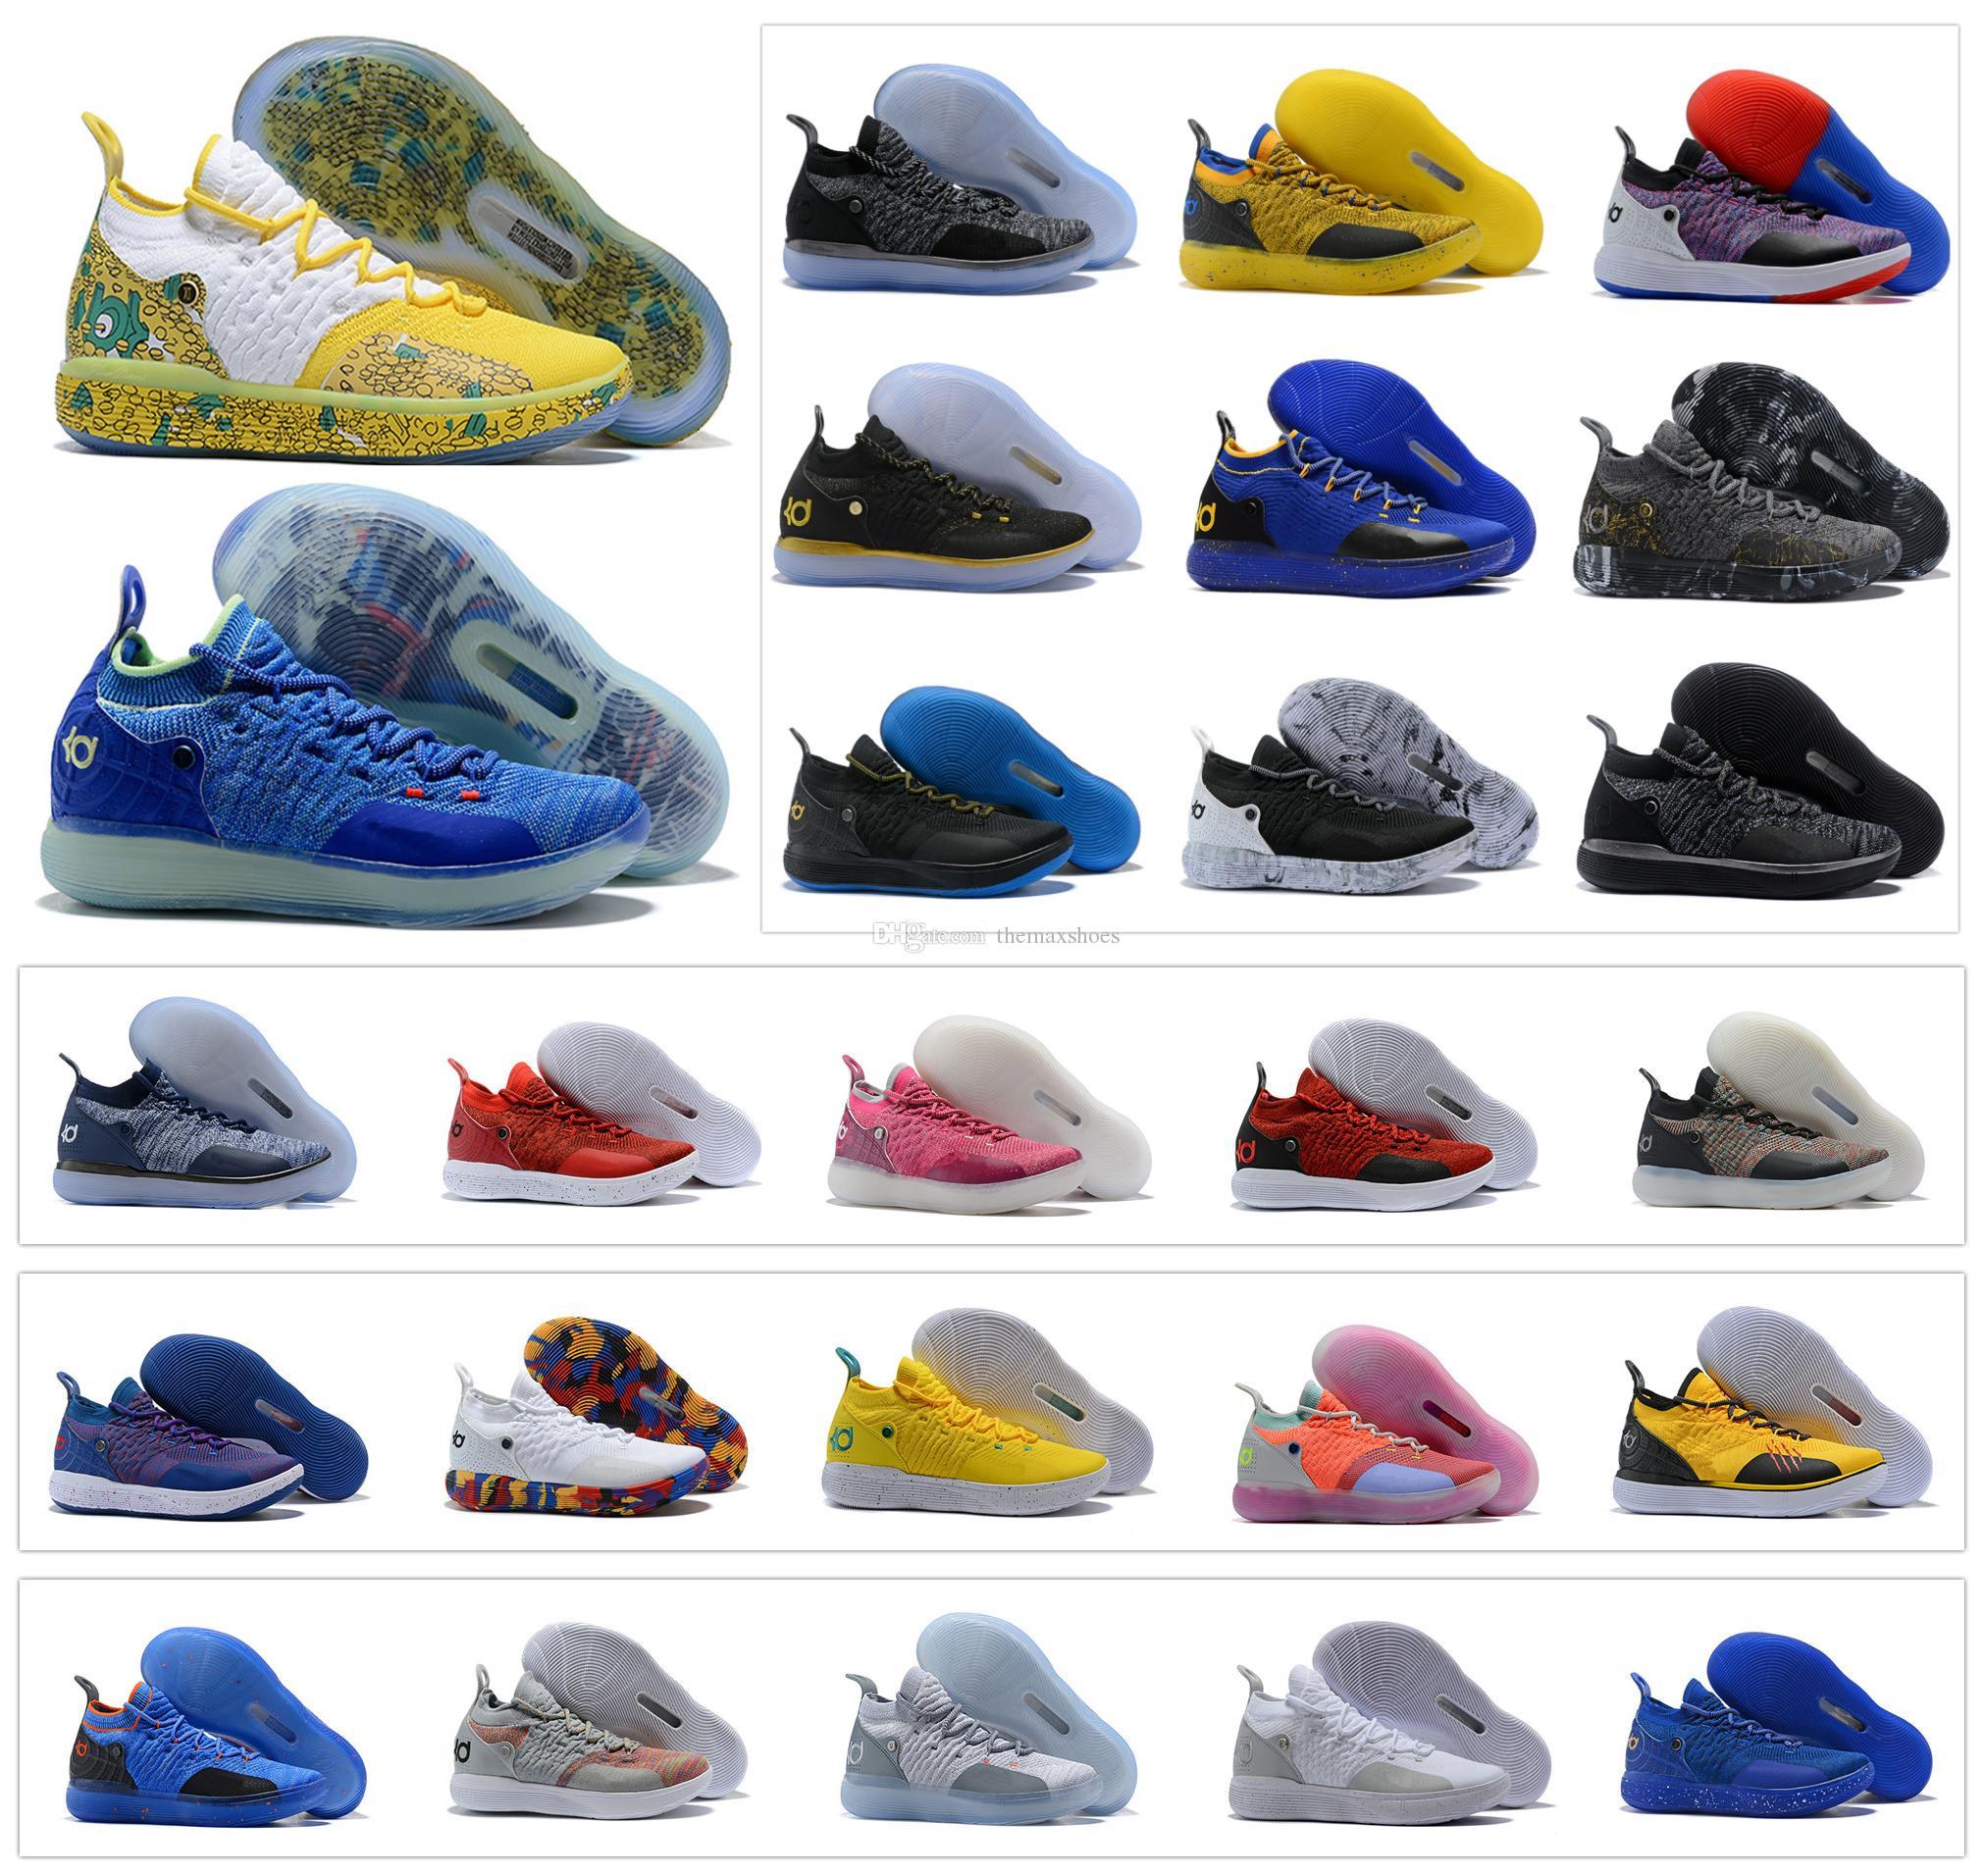 super popular 72797 065fc Acheter Zoom Chaud Kevin Durant KD 11 Multicolore KD11 11S Chiffres BHM  Igloo Hommes Anniversaire Chaussures De Basket Universitaire X Elite Mid  Sneakers De ...